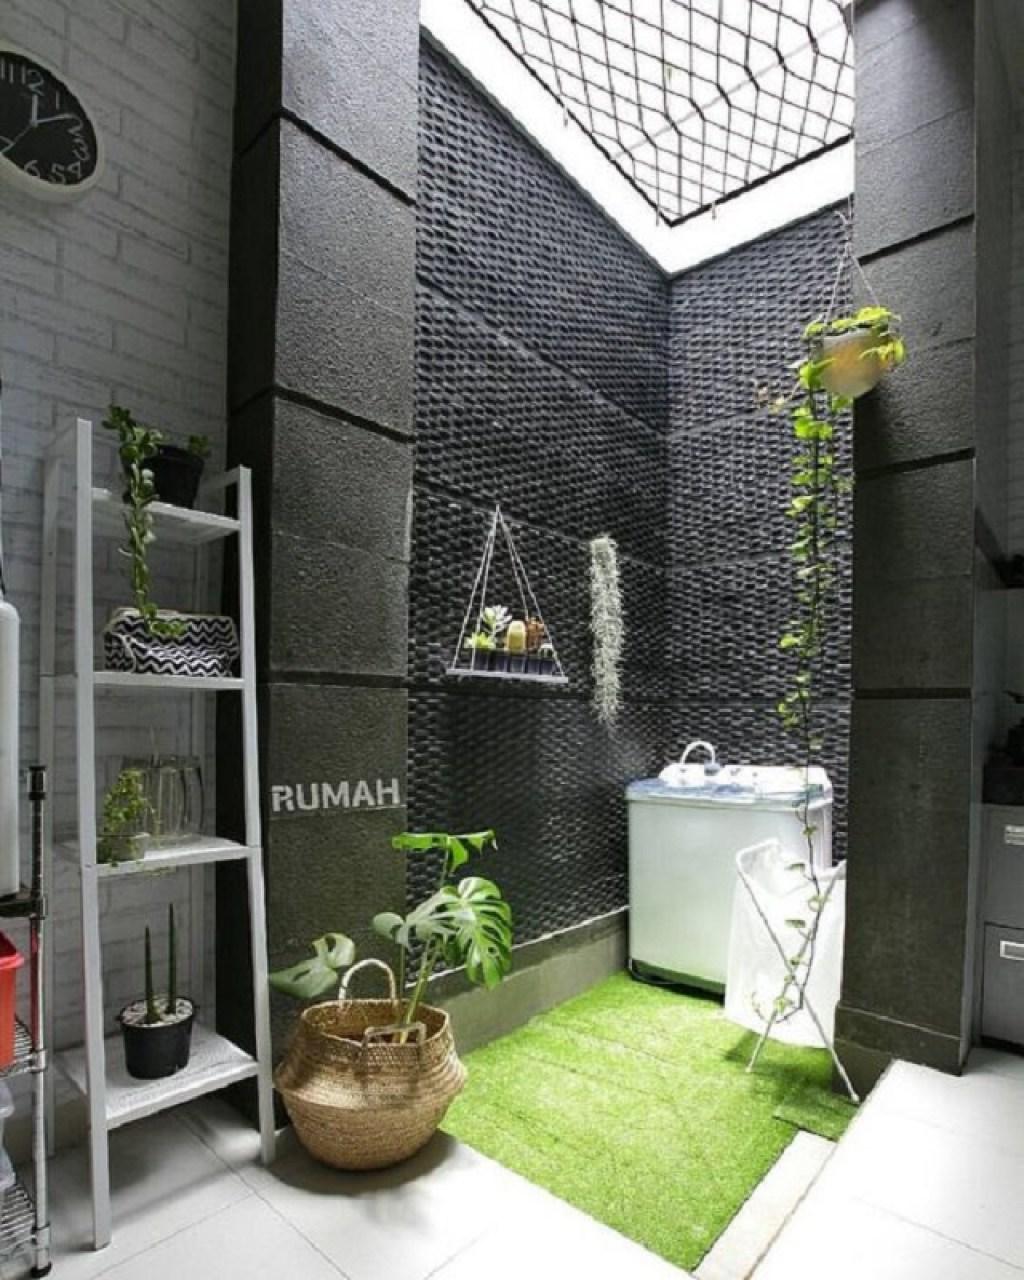 Ruang mencuci atau area laundry